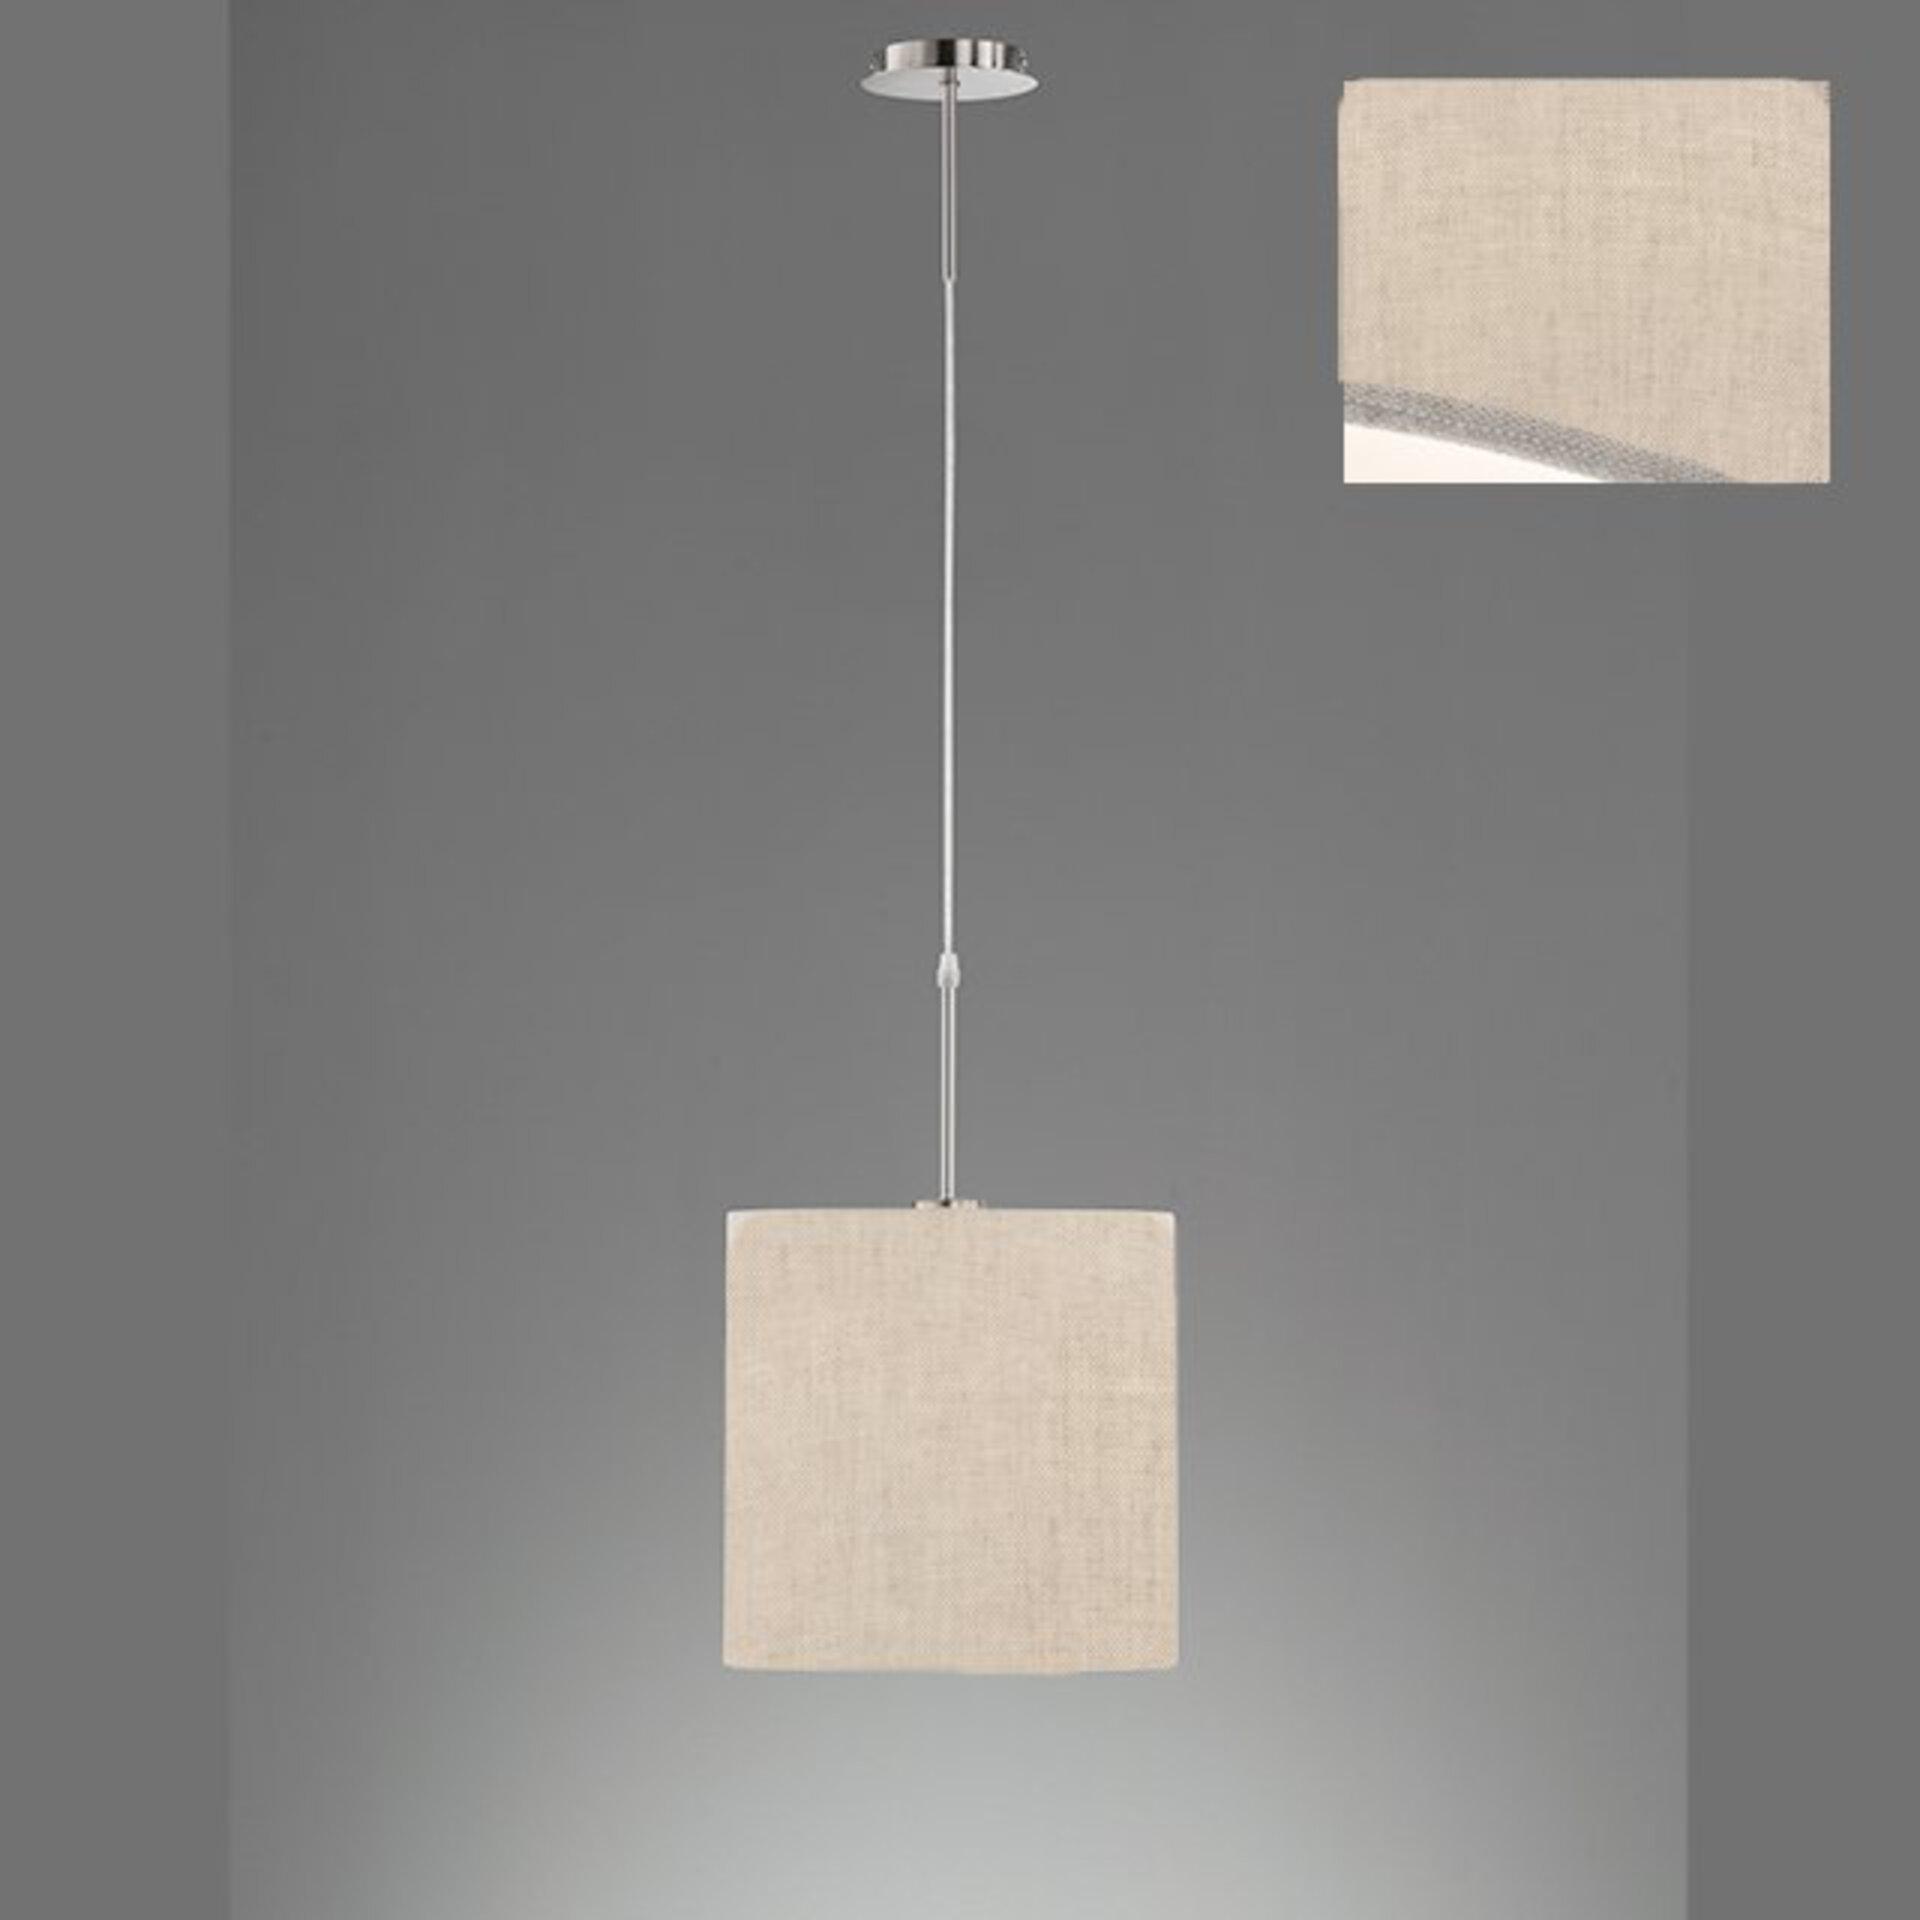 Hängeleuchte Marie Fischer-Honsel Textil beige 30 x 140 x 30 cm